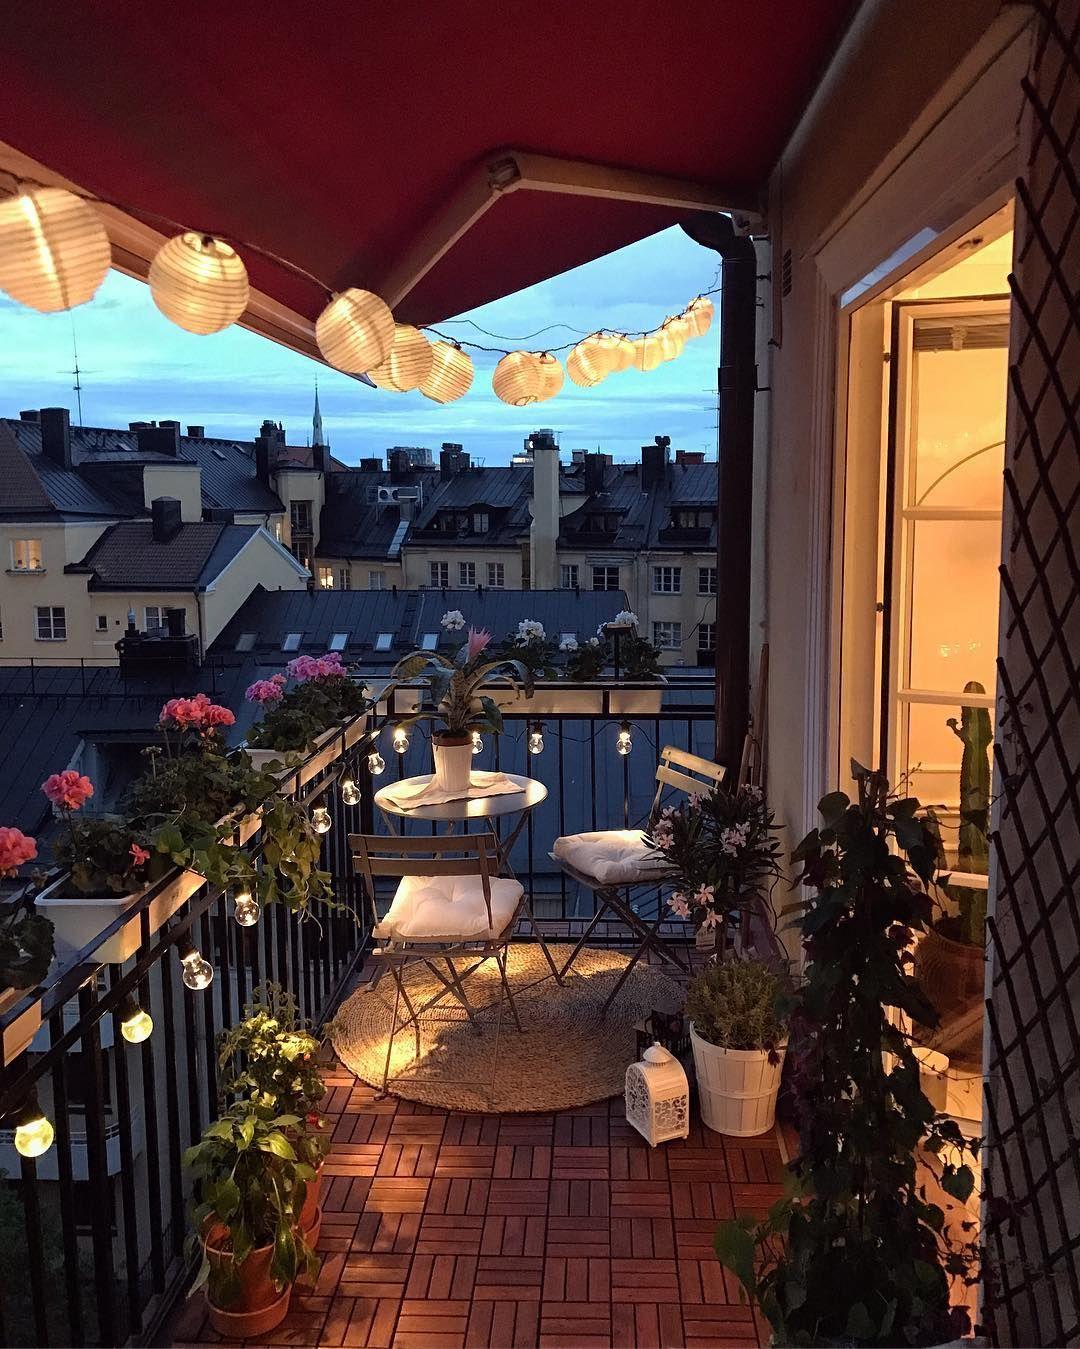 a nice evening balcony in stockholm doğadaki etkinlikler dış aydınlatma balkon dekorasyonu on christmas balcony decorations apartment patio id=78853